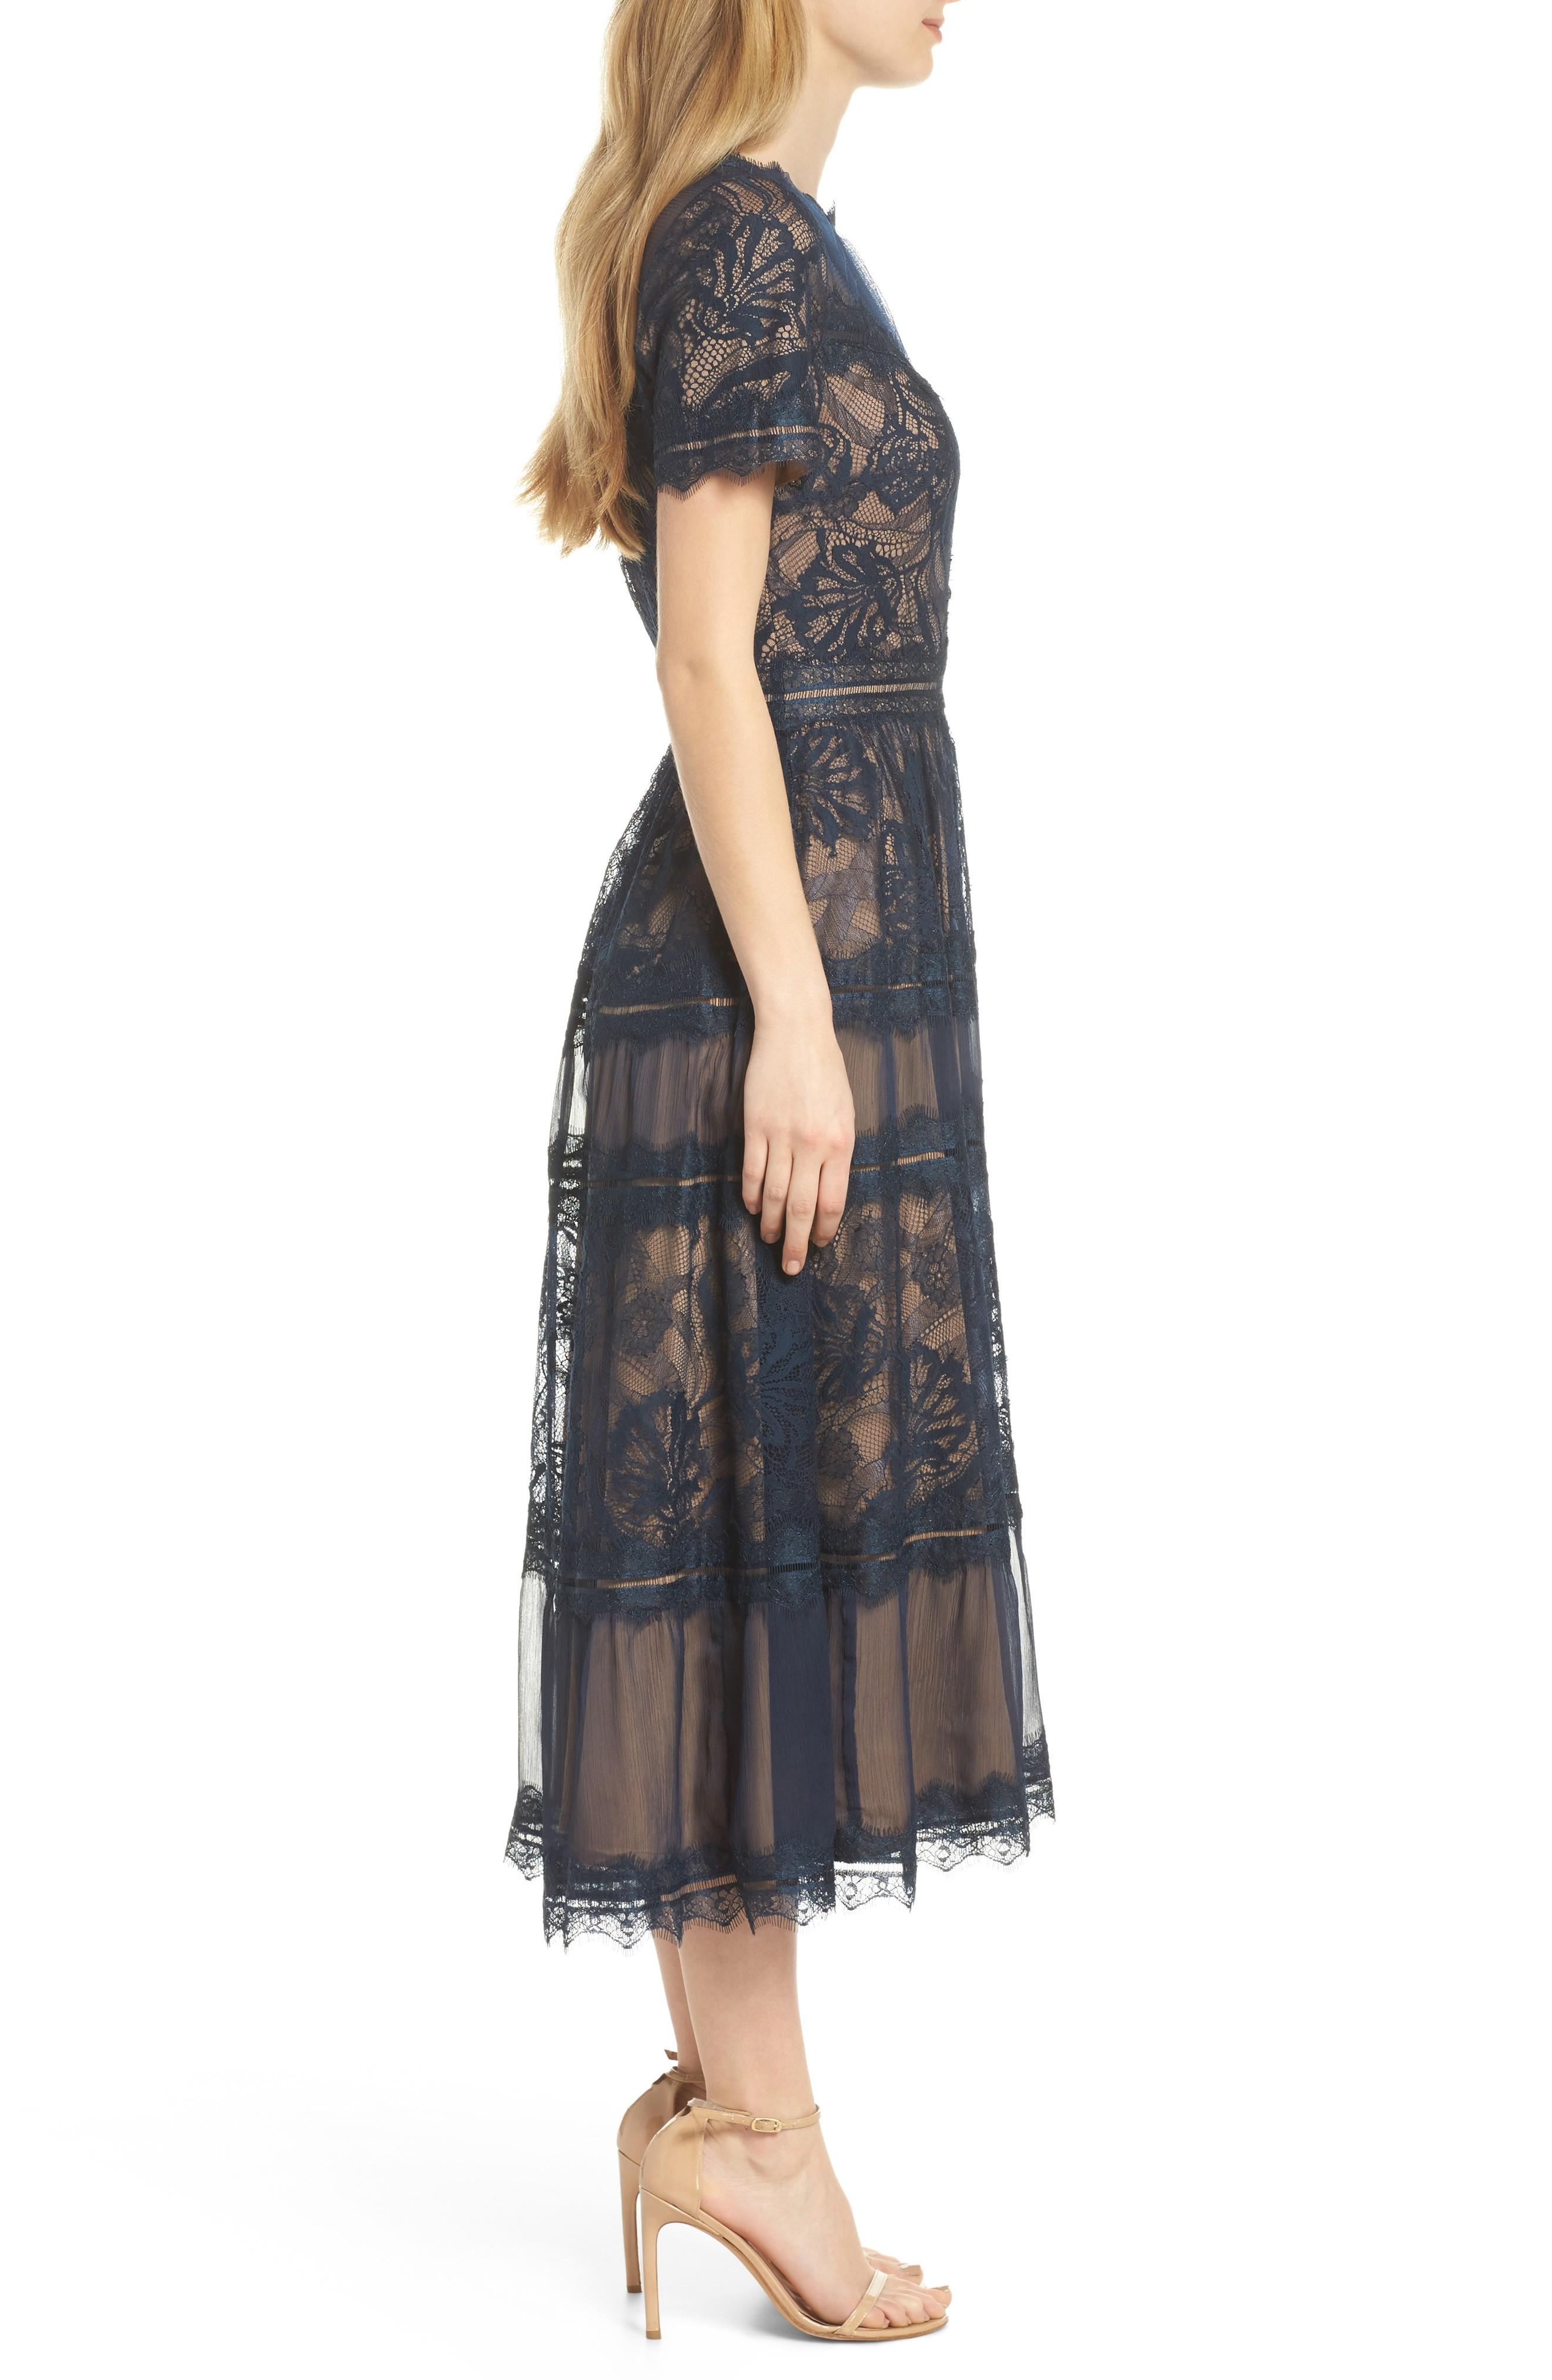 Tadashi Shoji Lace Tea Length Nude Navy Blue Dress We